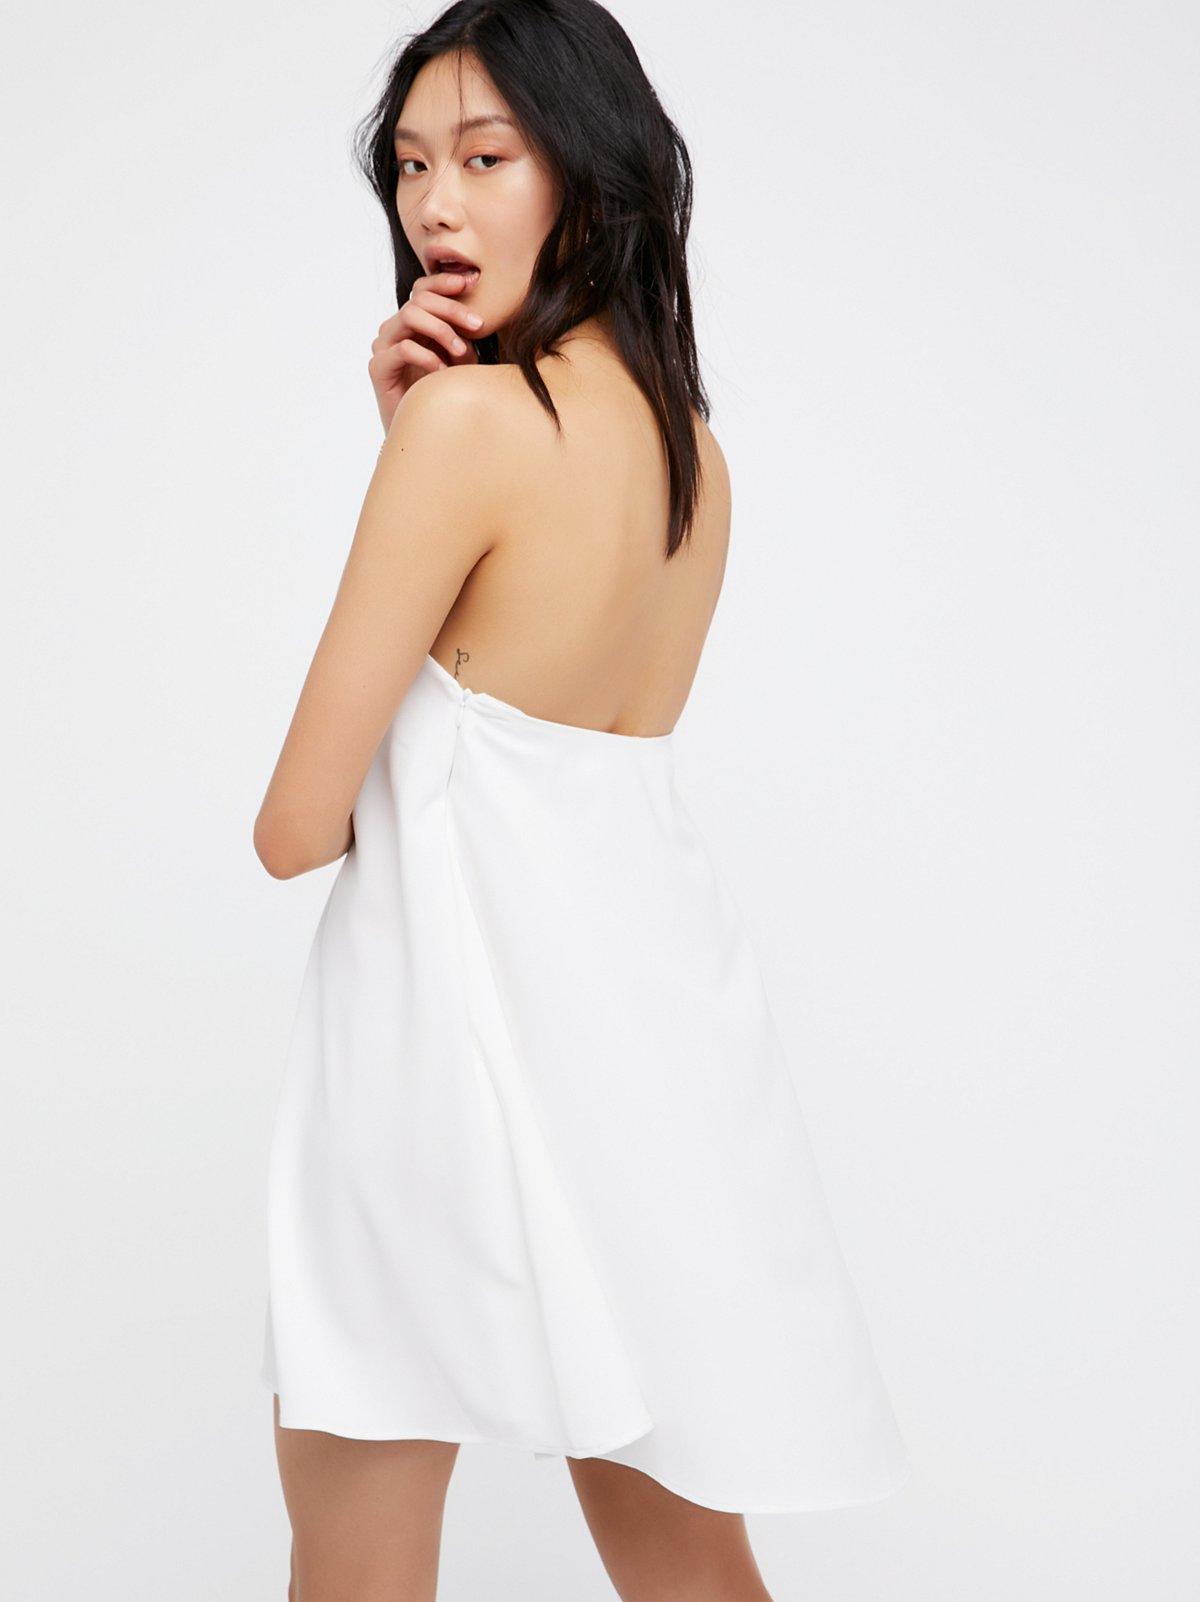 Angelina筒形裙